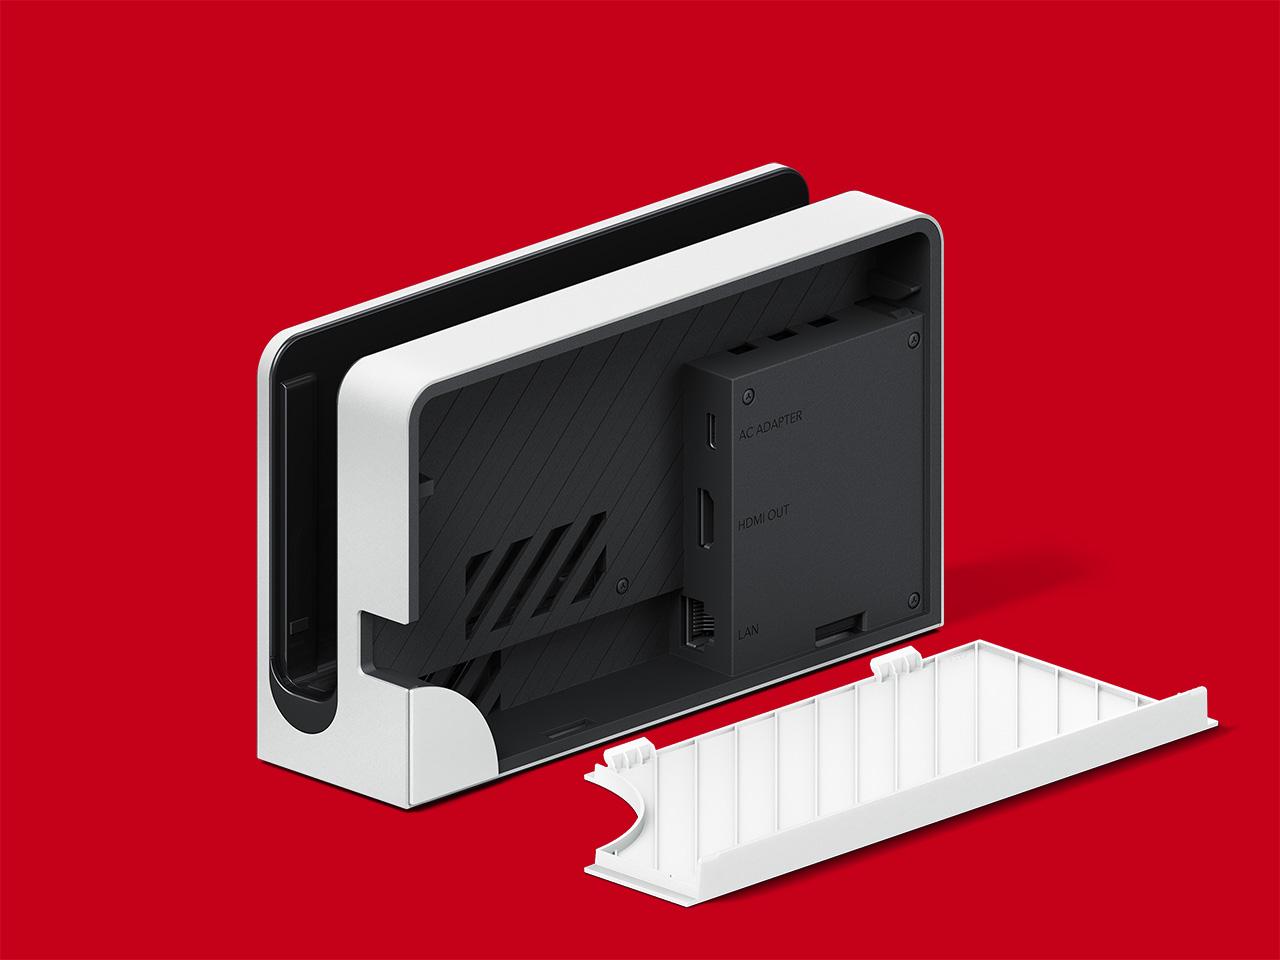 ドックに直接有線LANを挿せるように。なお背面カバーは取り外しできるようになった